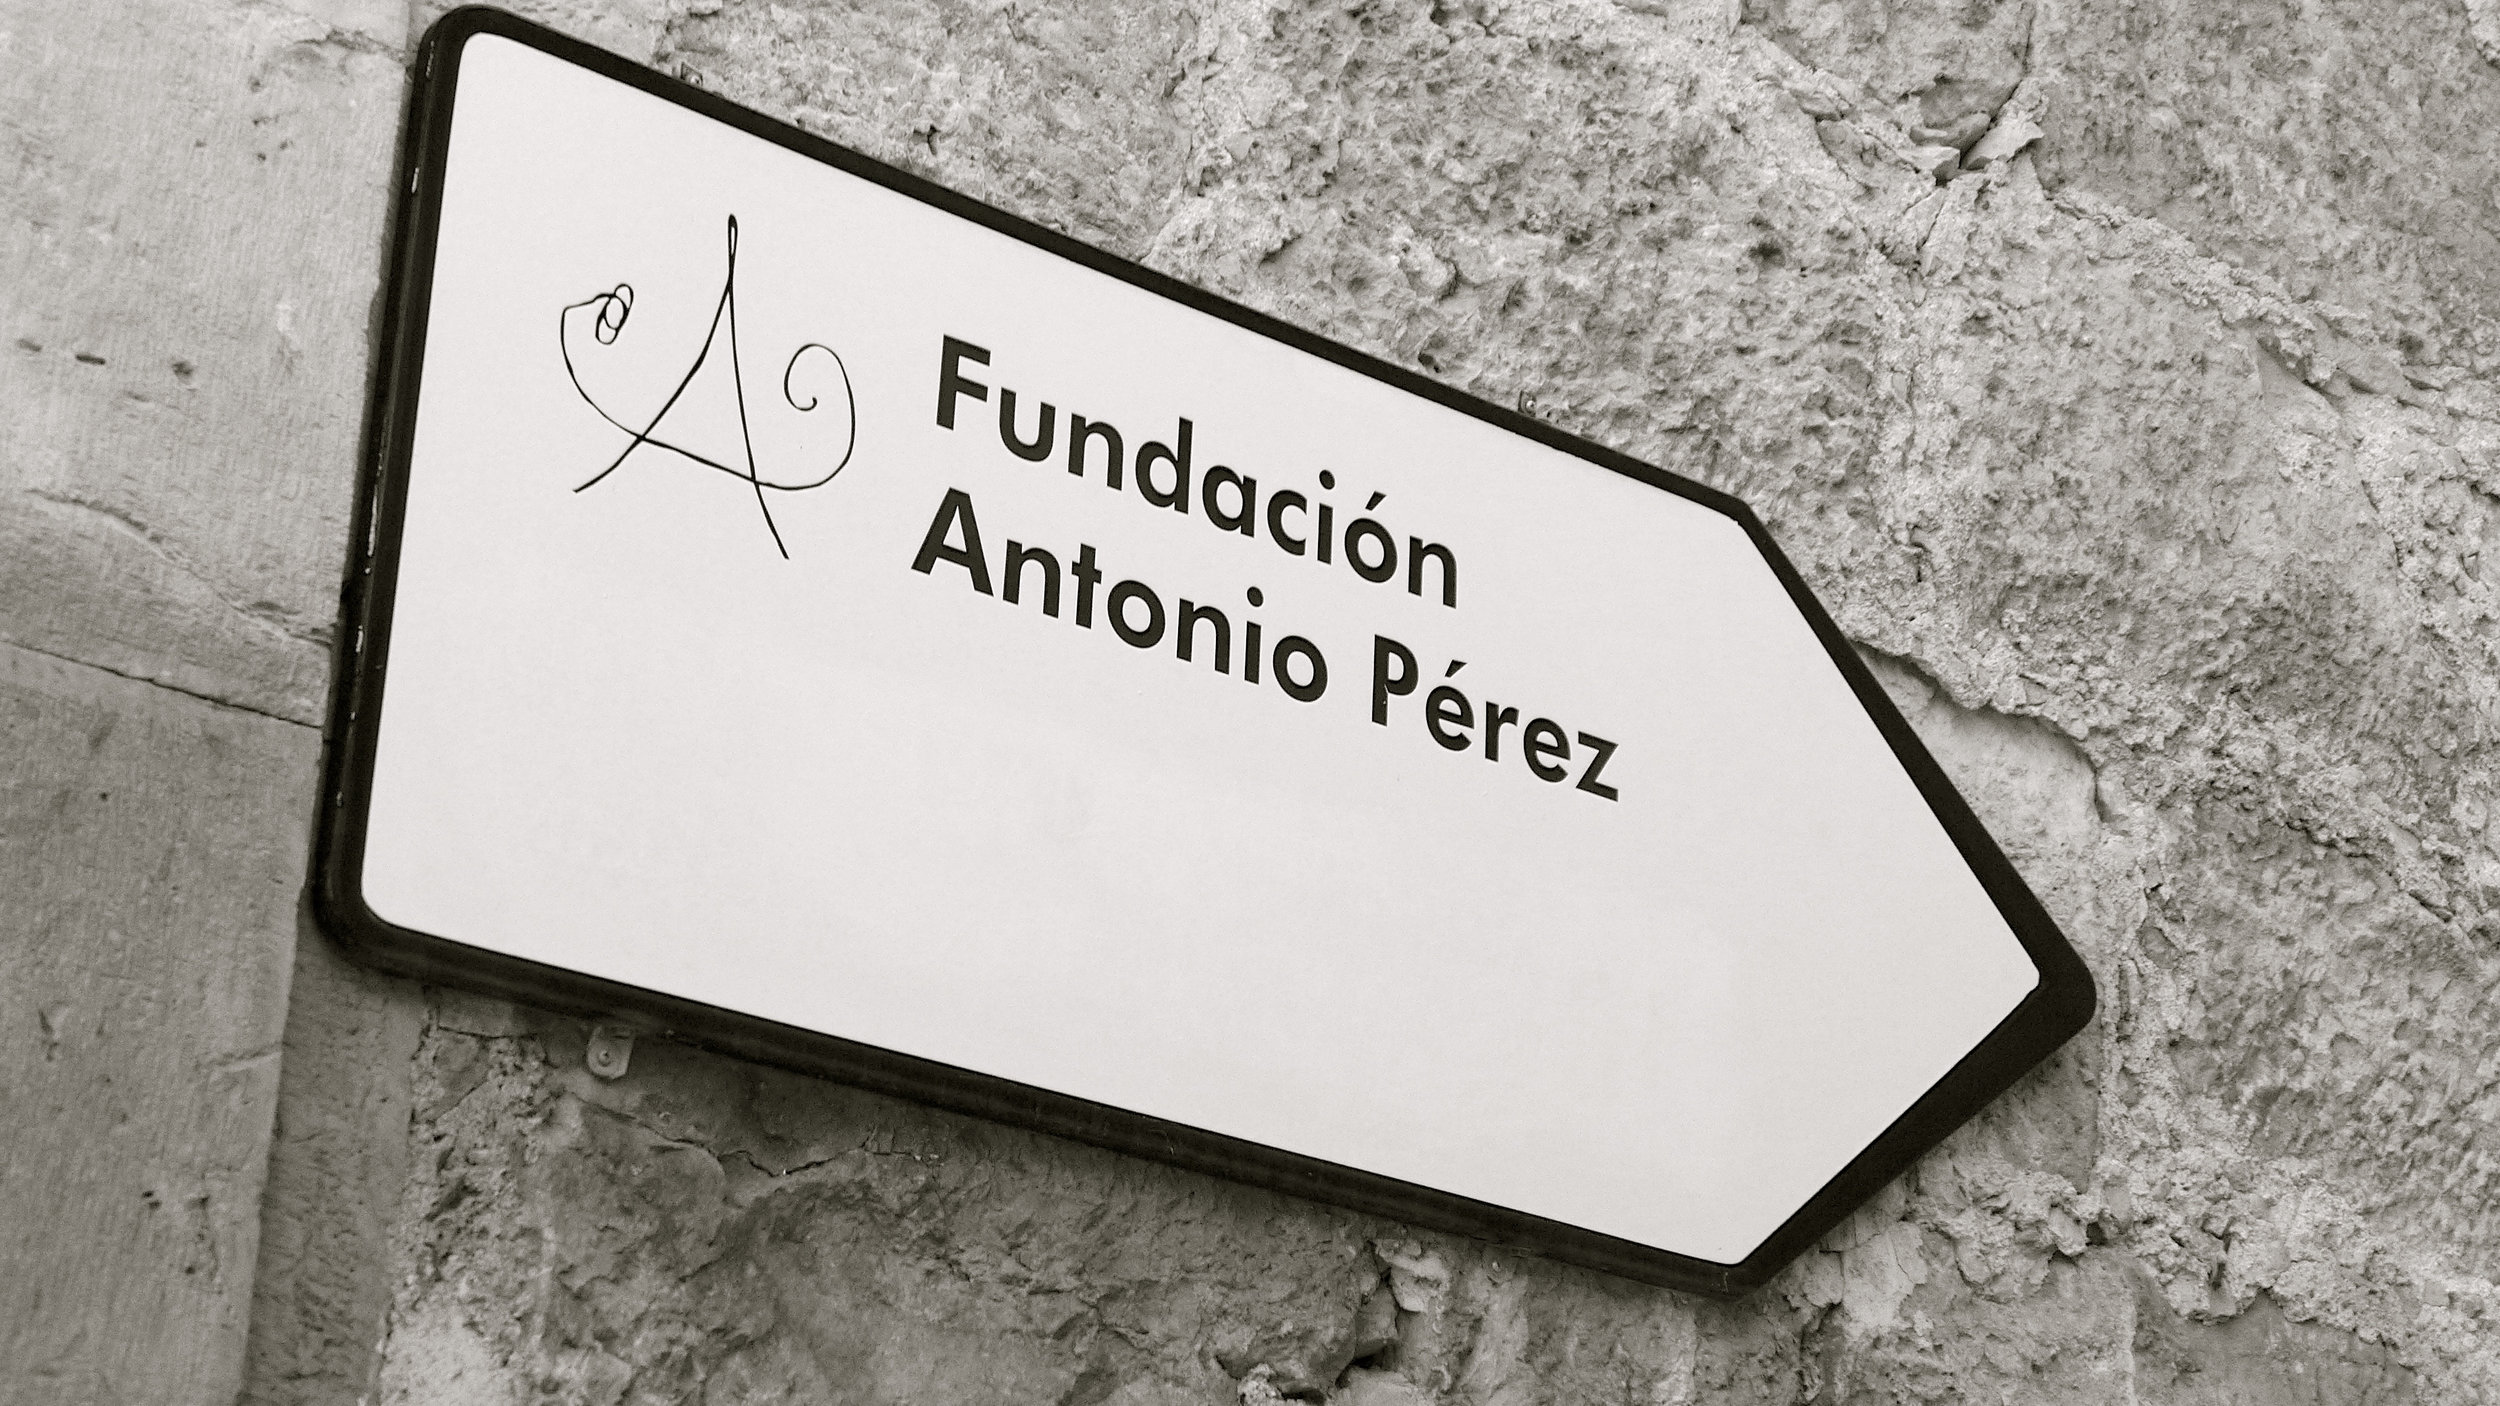 Señal Fundación Antonio Pérez